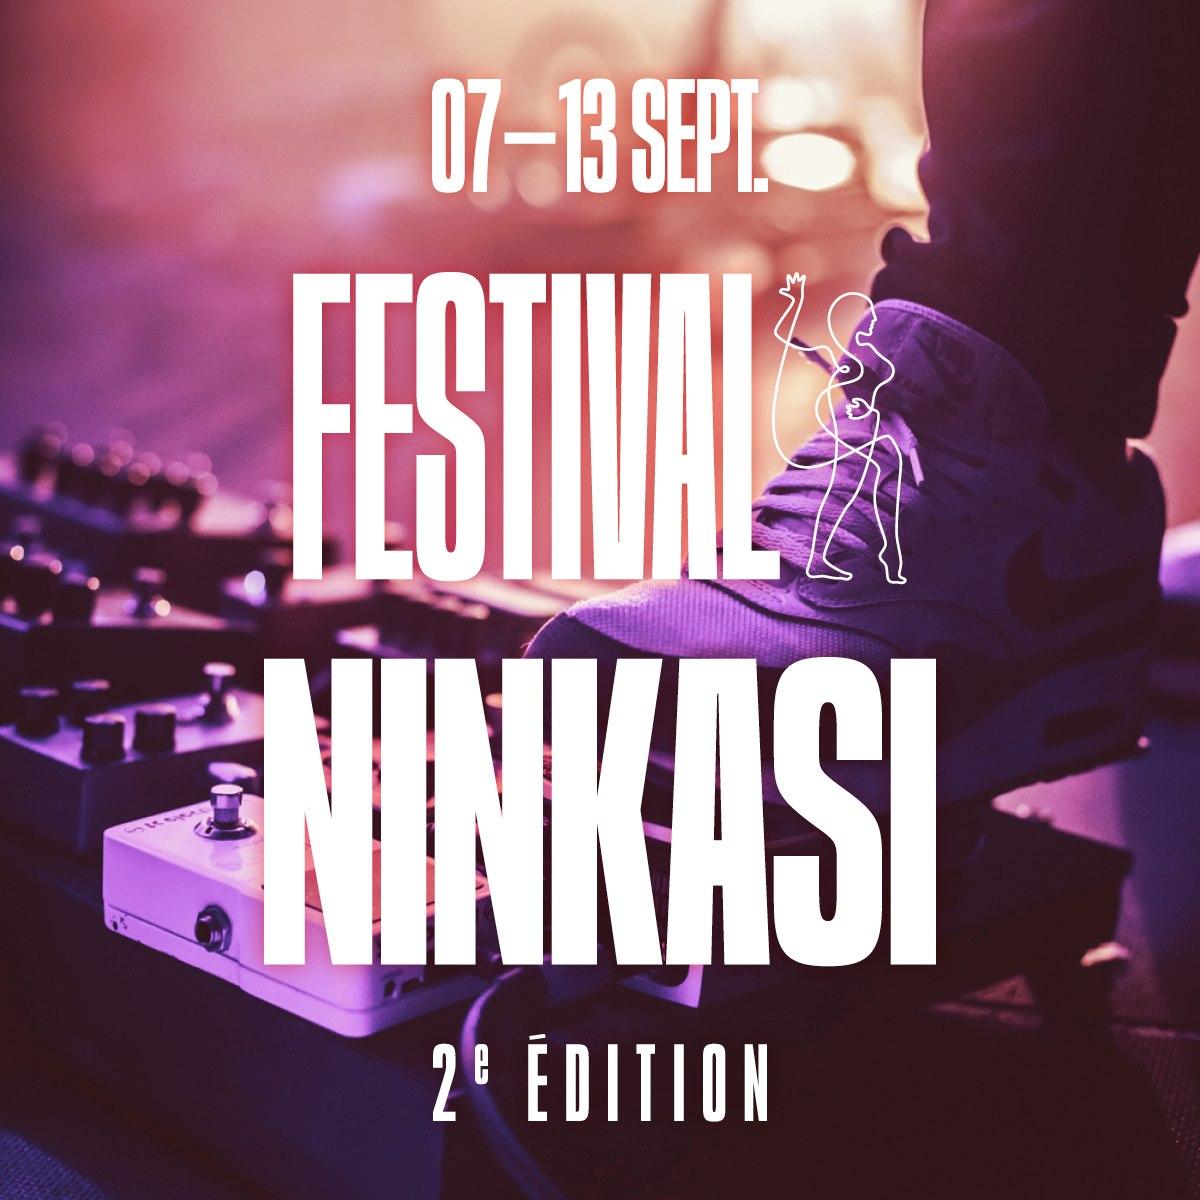 Le Festival Maintenu Avec Freshtet Au Ninkasi La Soie